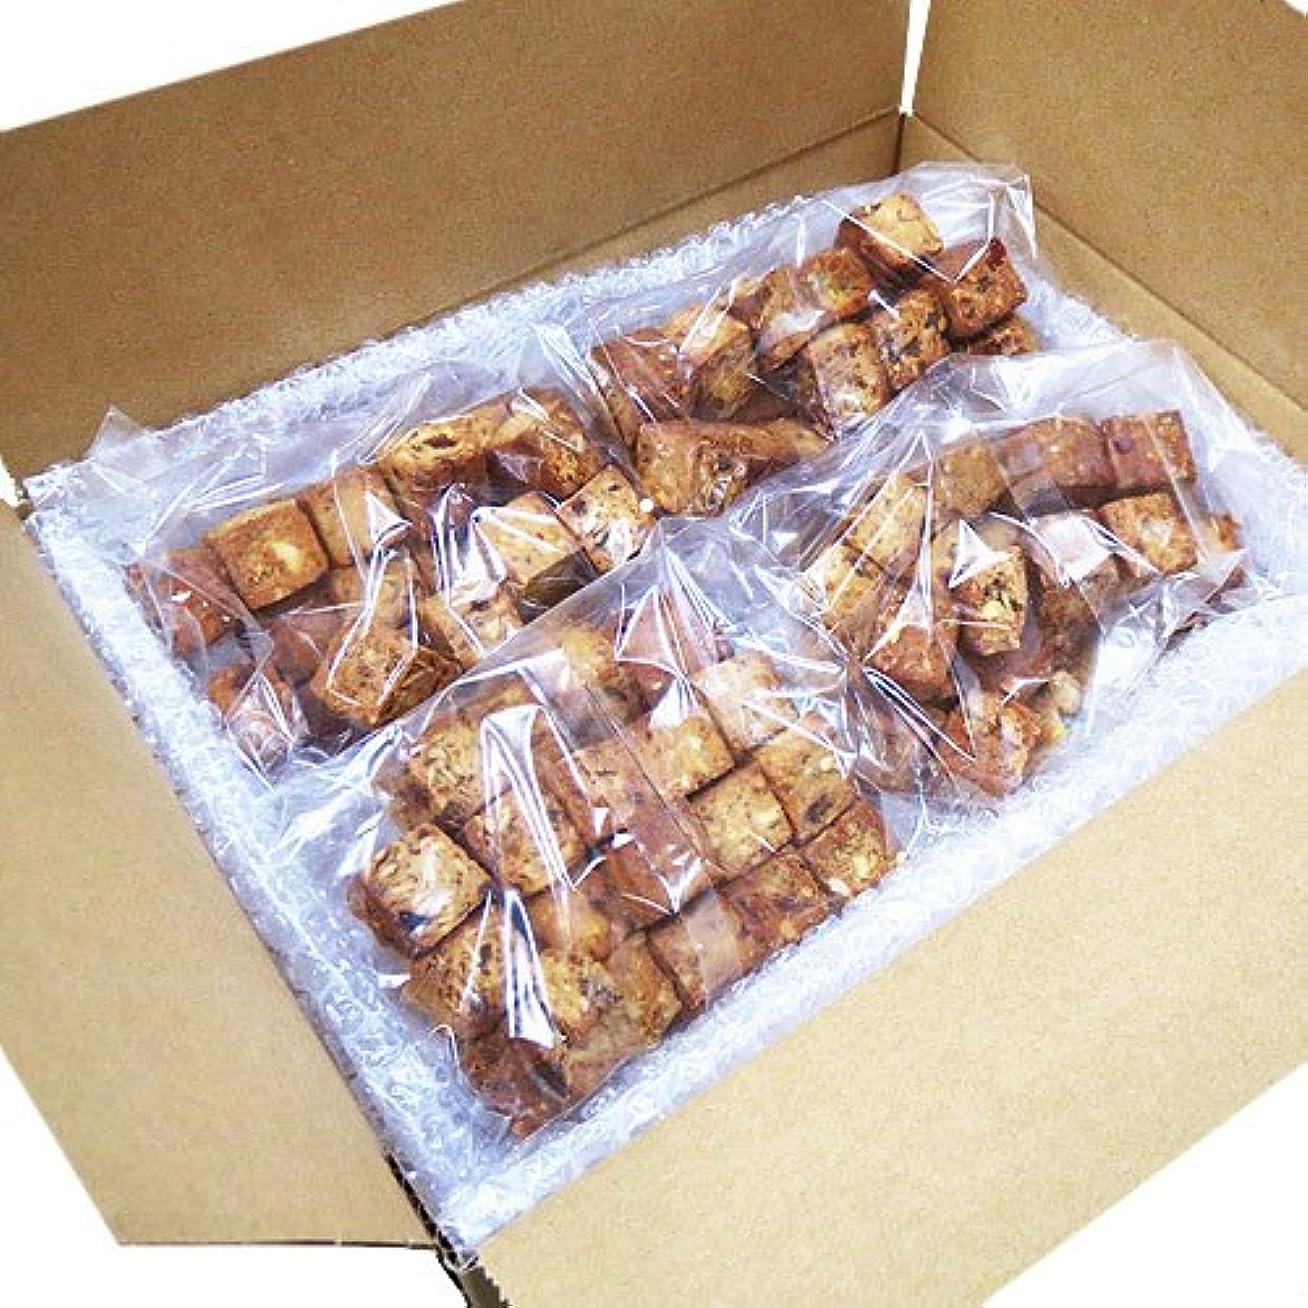 憲法ジョグつなぐ蒲屋忠兵衛商店  大麦と果実のソイキューブ  800g(200g×4袋)